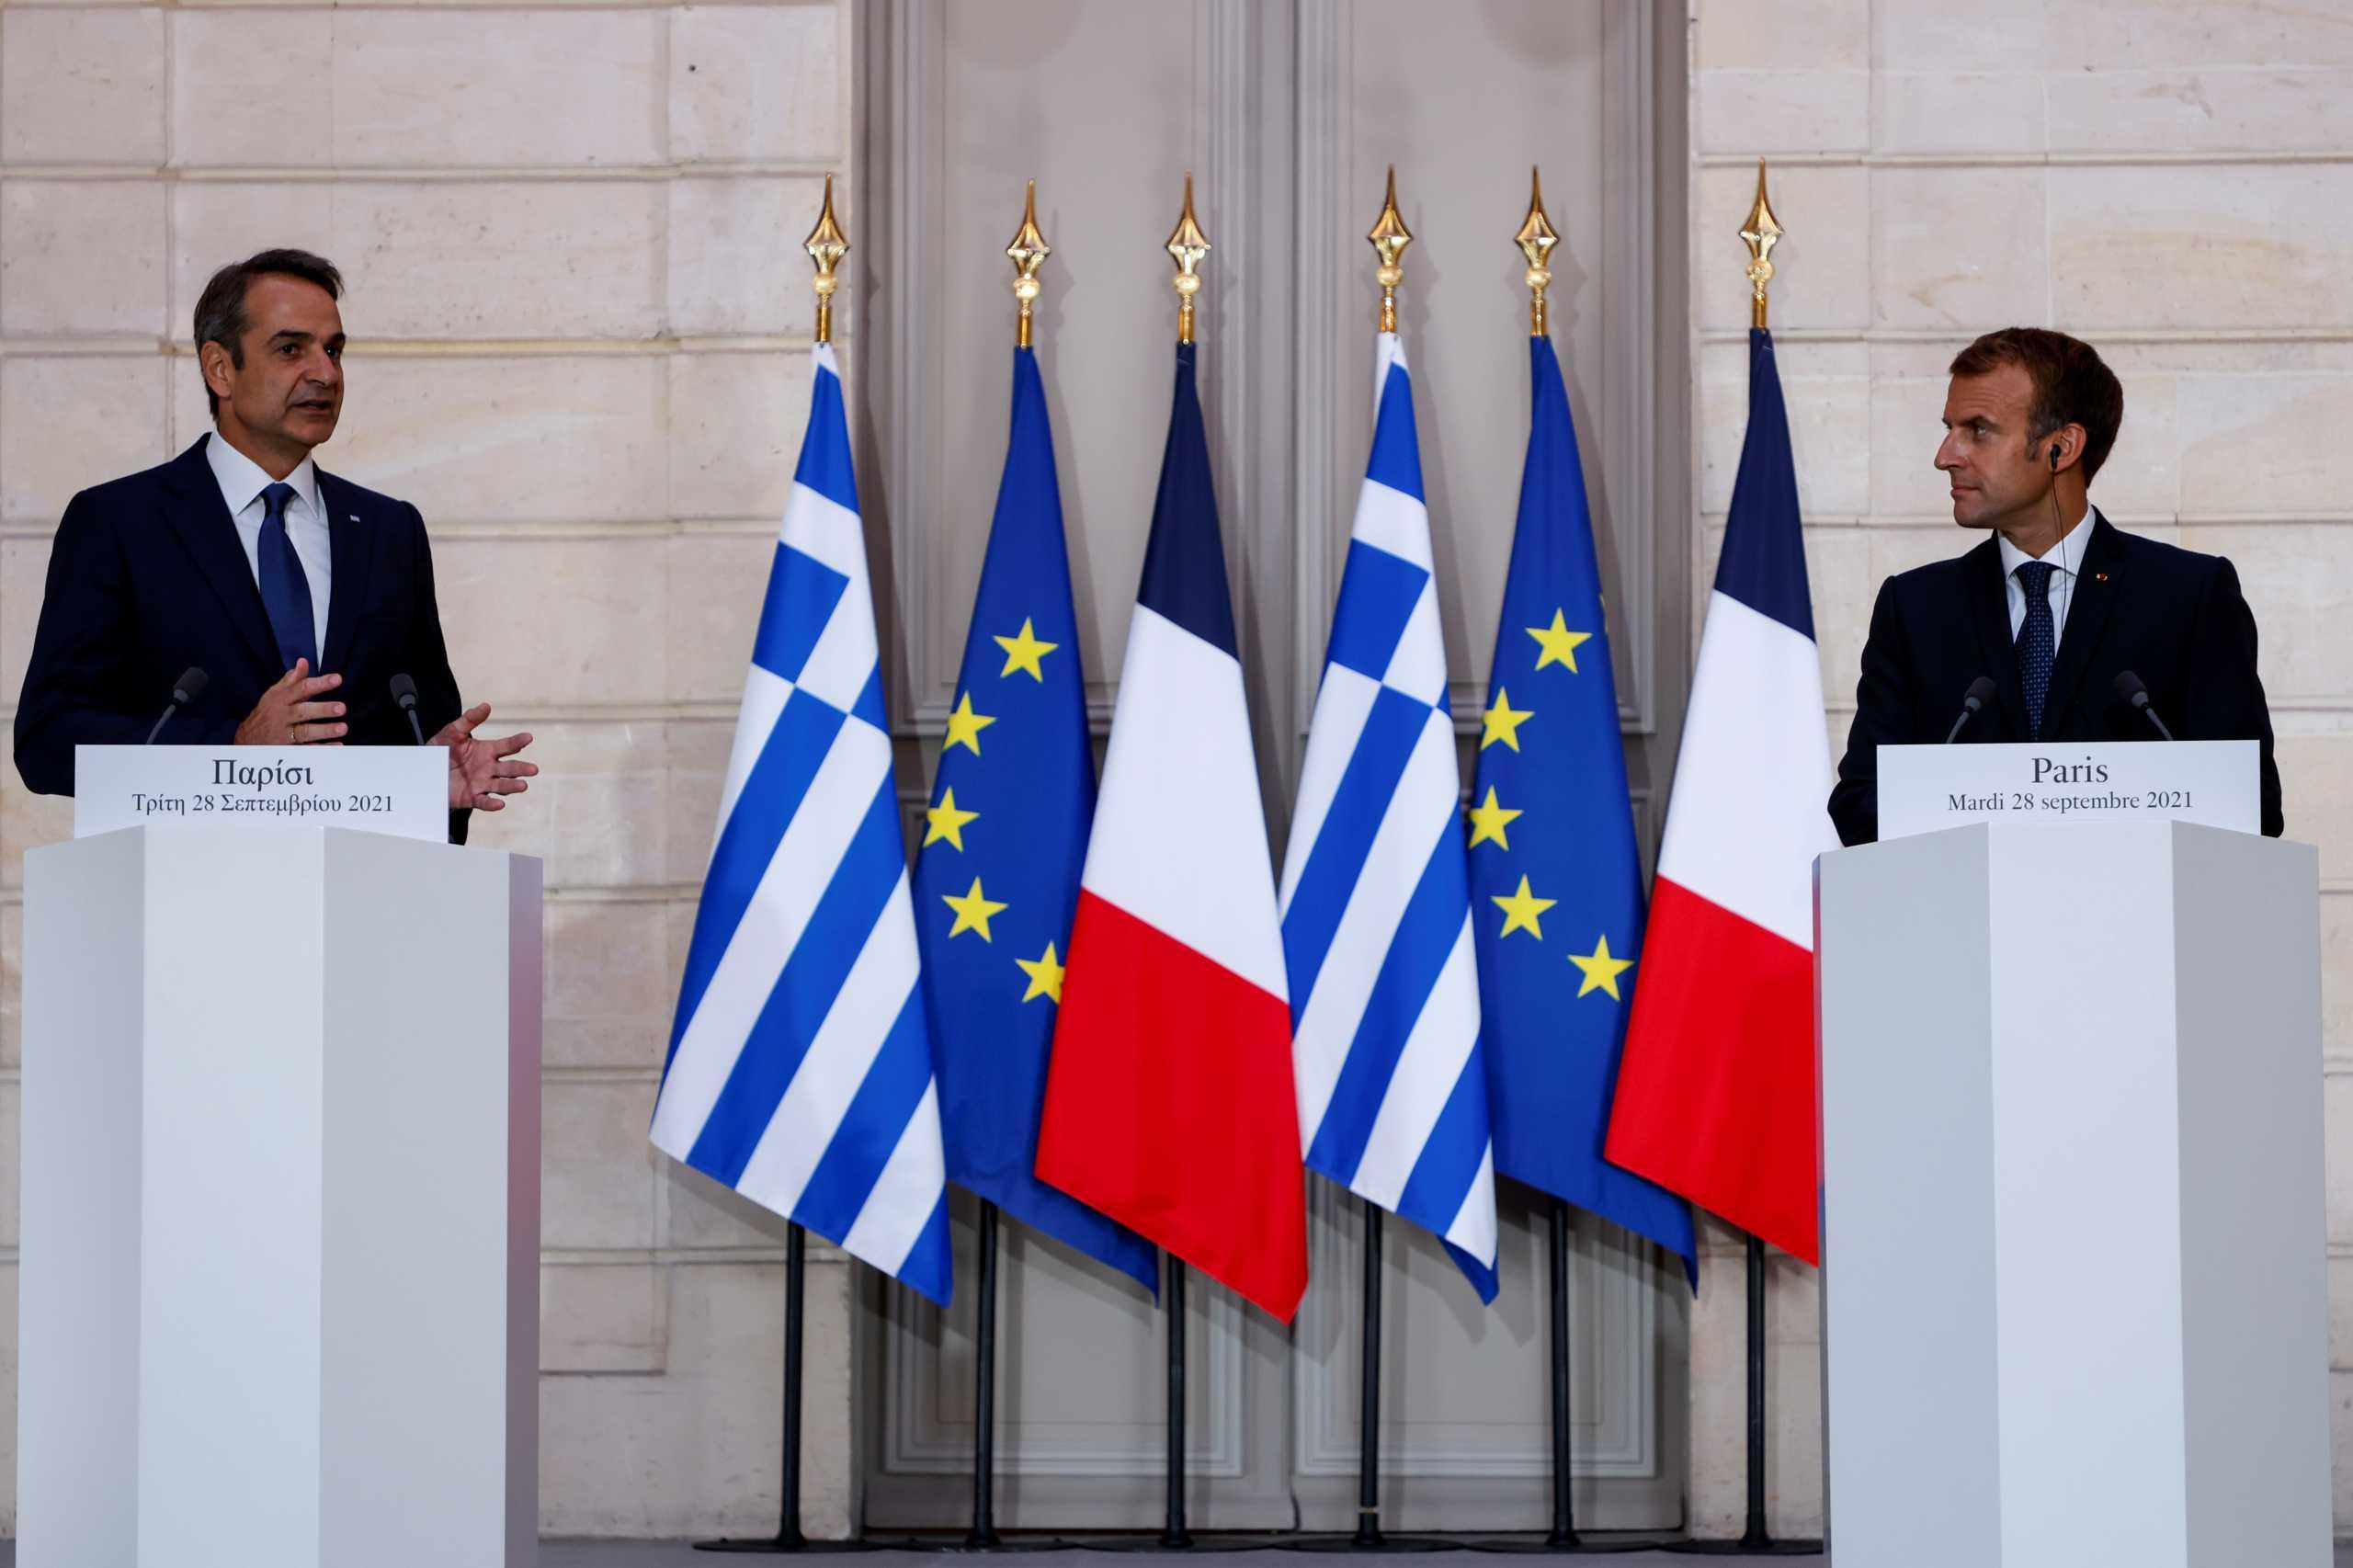 Συμφωνία Ελλάδας – Γαλλίας: Ψήφος εμπιστοσύνης από την ΕΕ